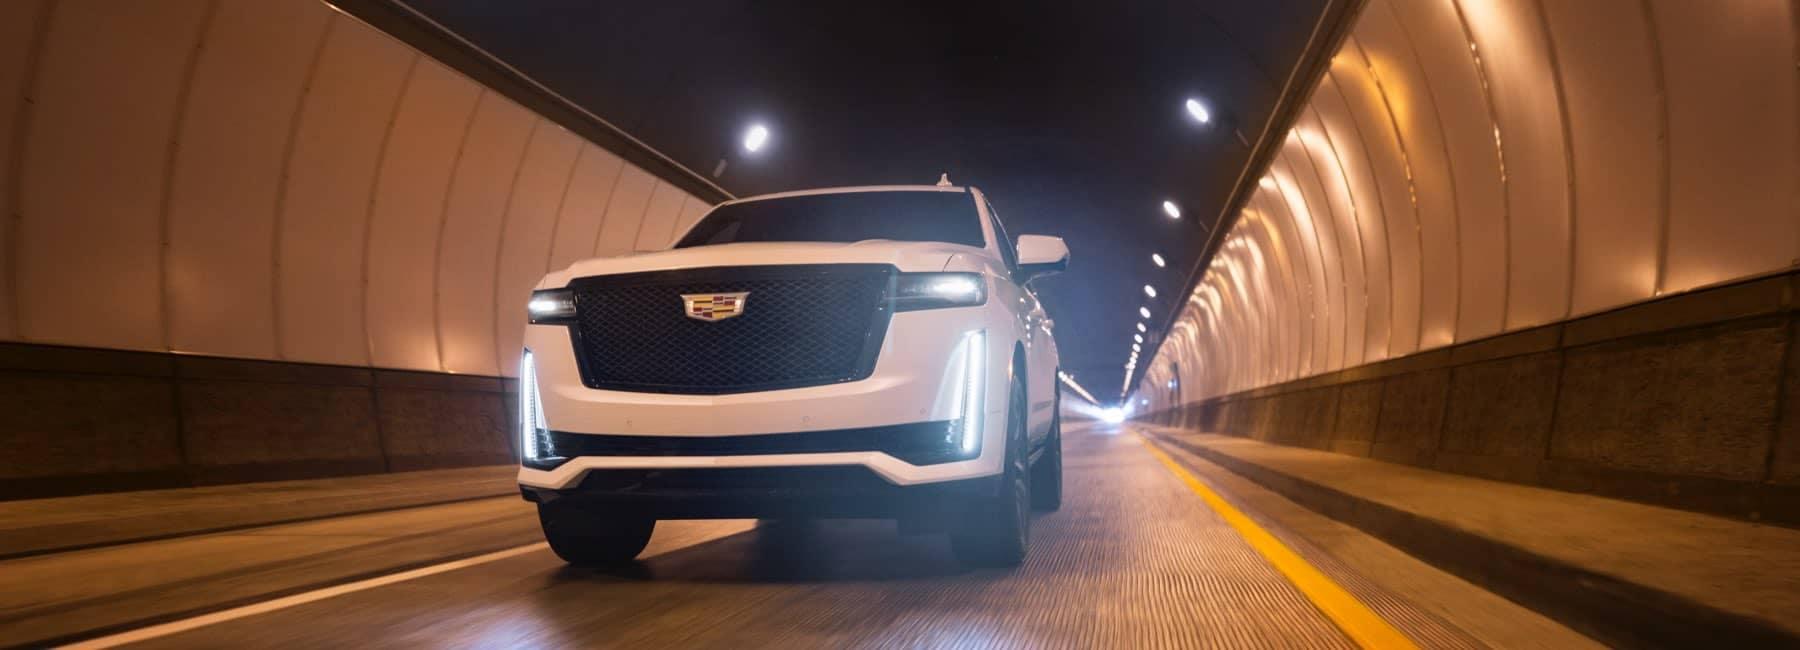 2021 Cadillac Escalade driving through tunnel